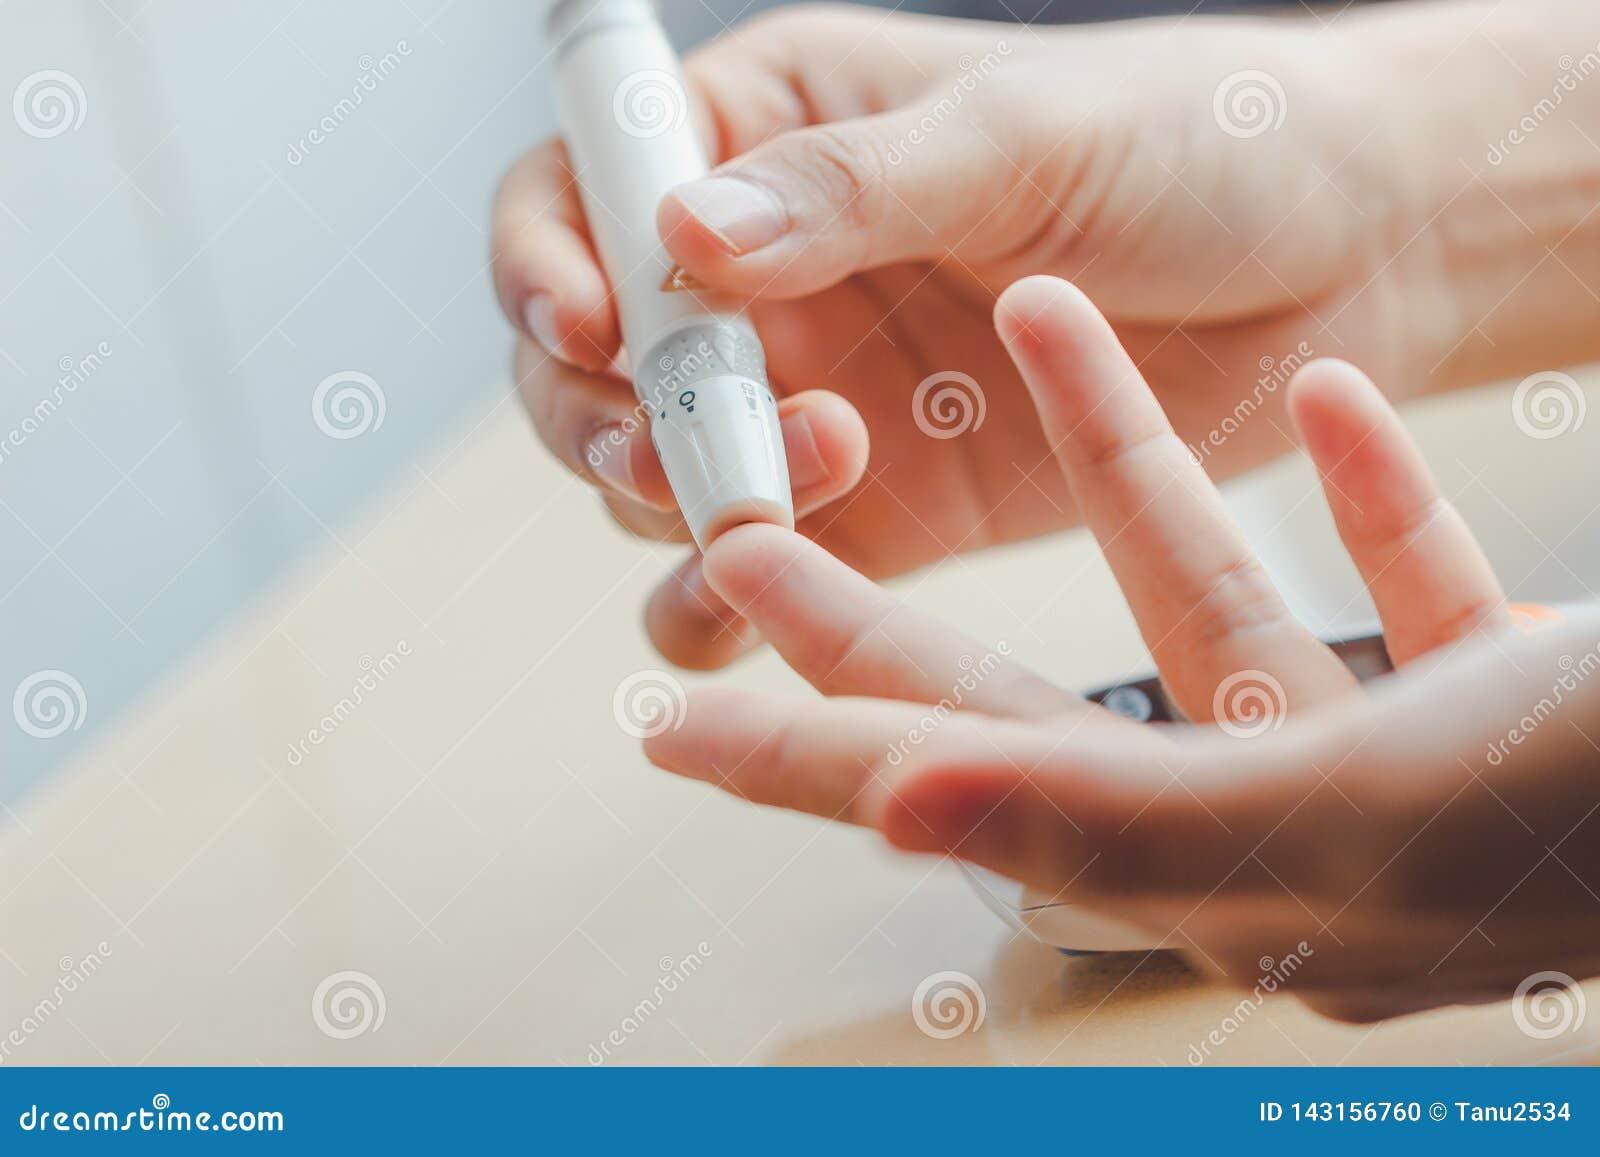 Chiuda su delle mani della donna facendo uso della lancetta sul dito per controllare il livello della glicemia dal metro del gluc